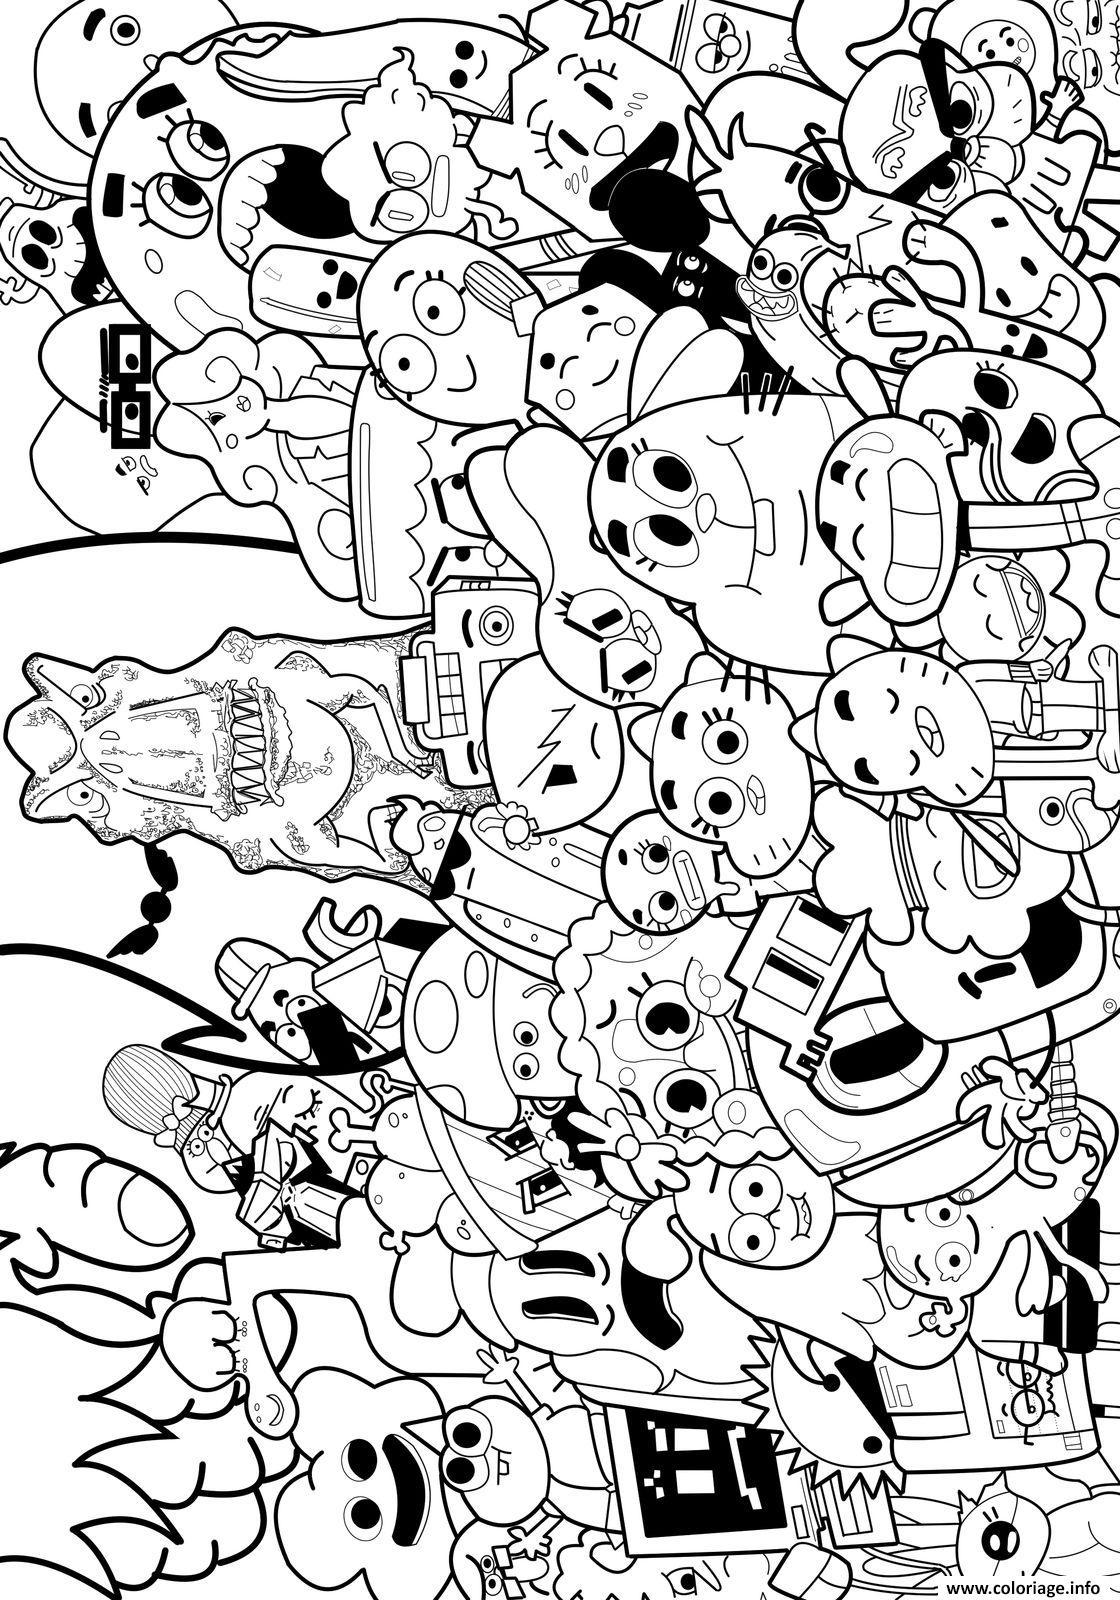 Dessin le monde merveilleux de gumball cartoon tele Coloriage Gratuit à Imprimer